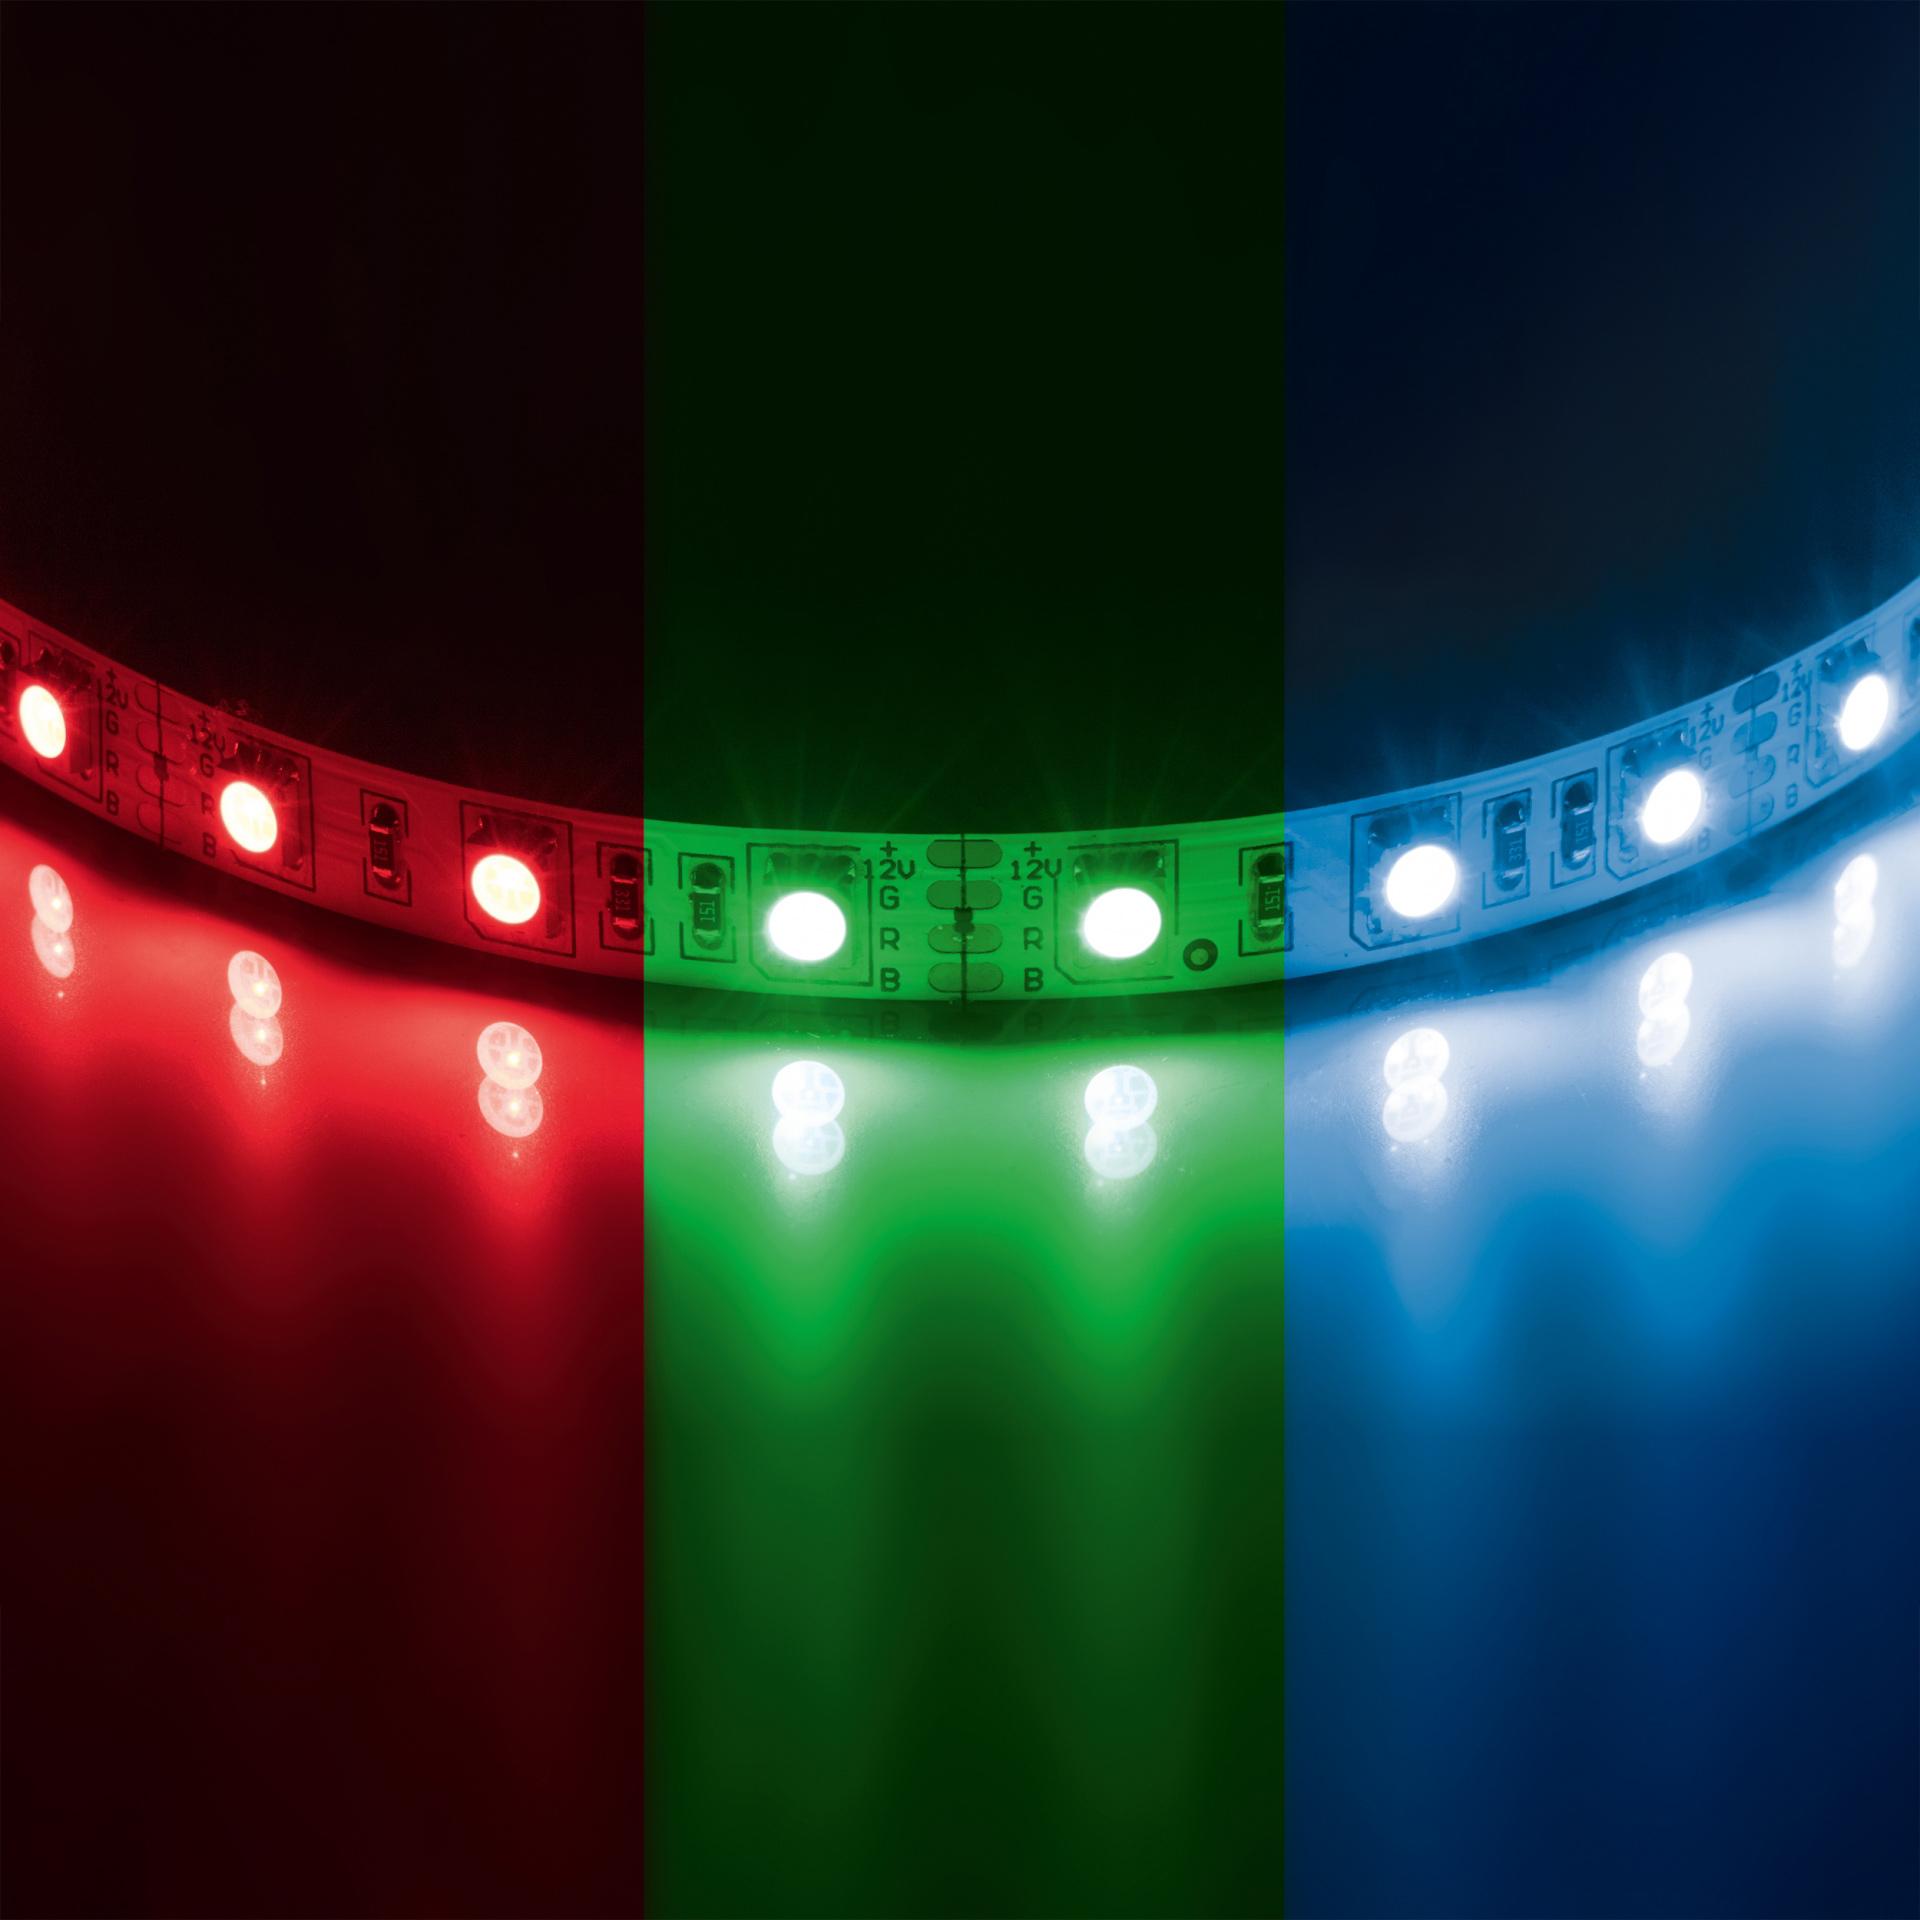 Лента 5050 LED 12V 7.2W 200m цветная Lightstar 400040, купить в СПб, Москве, с доставкой, Санкт-Петербург, интернет-магазин люстр и светильников Starlight, фото в жизни